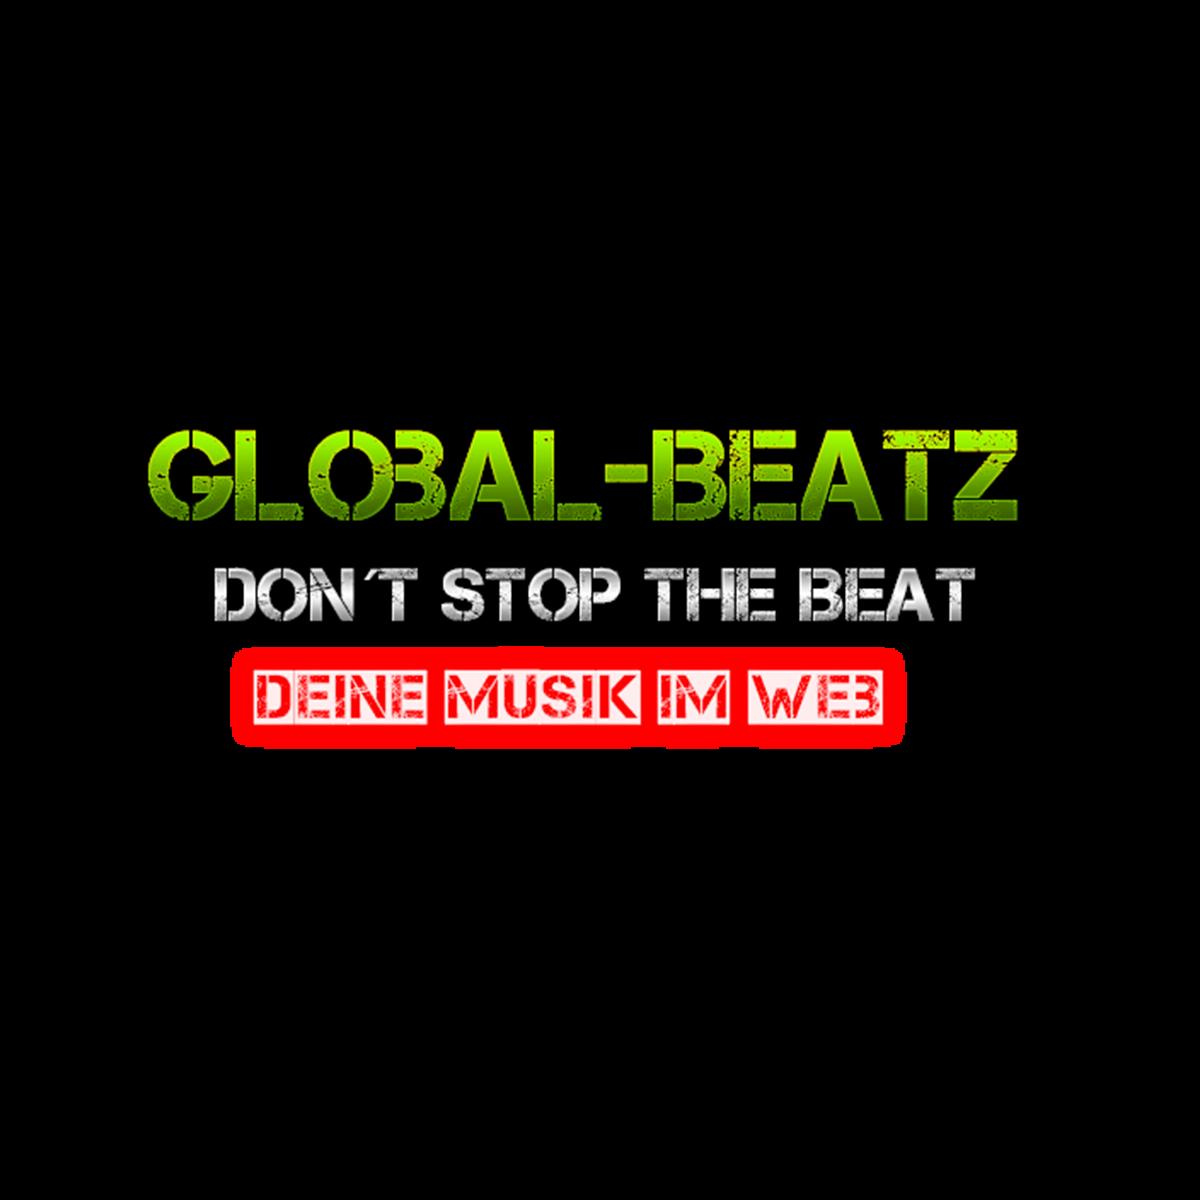 Global-Beatz